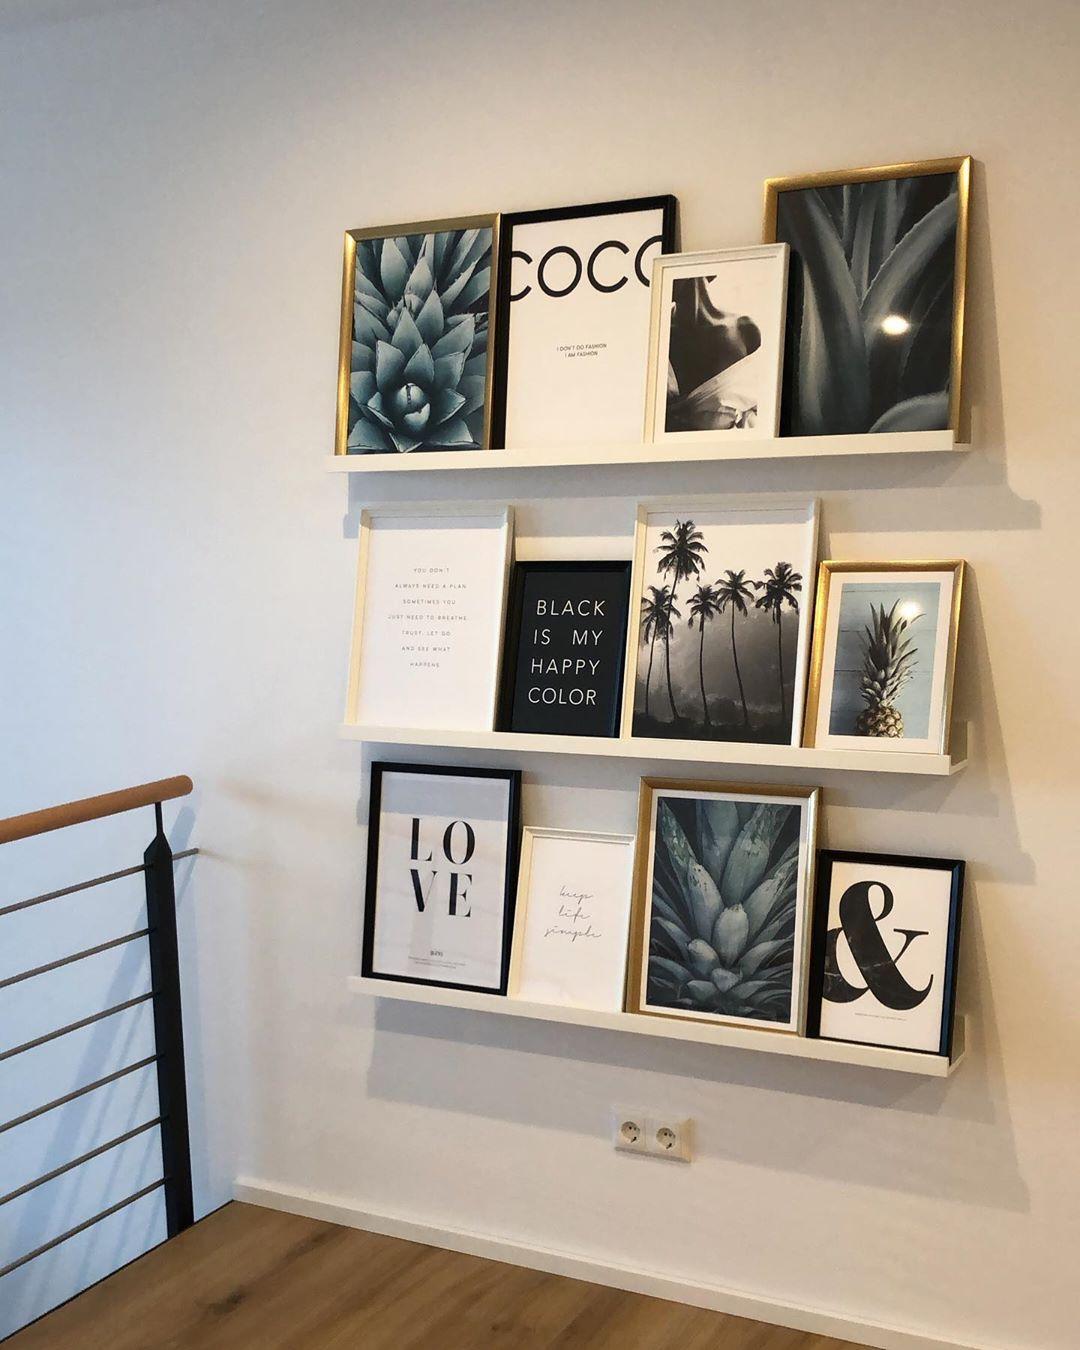 Wir haben heute unsere Galerie gestaltet und Bilder von @desenio aufgestellt.